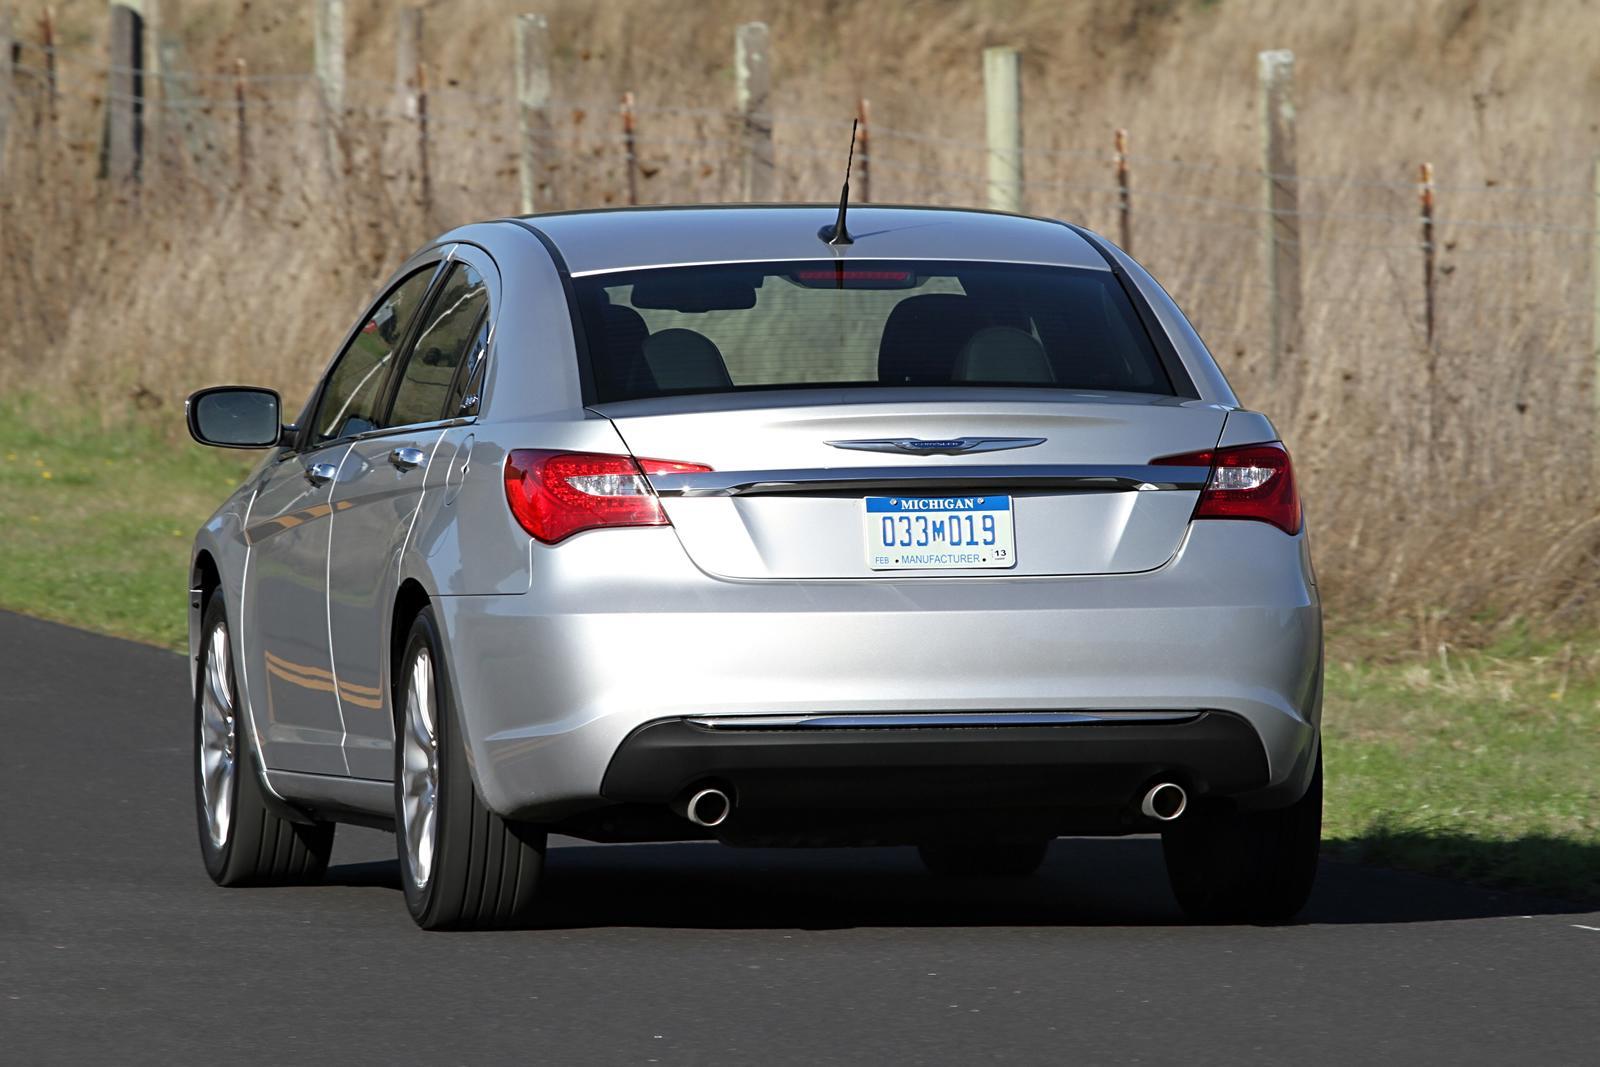 Chrysler 200 Rear >> 2011 Chrysler 200 Rear